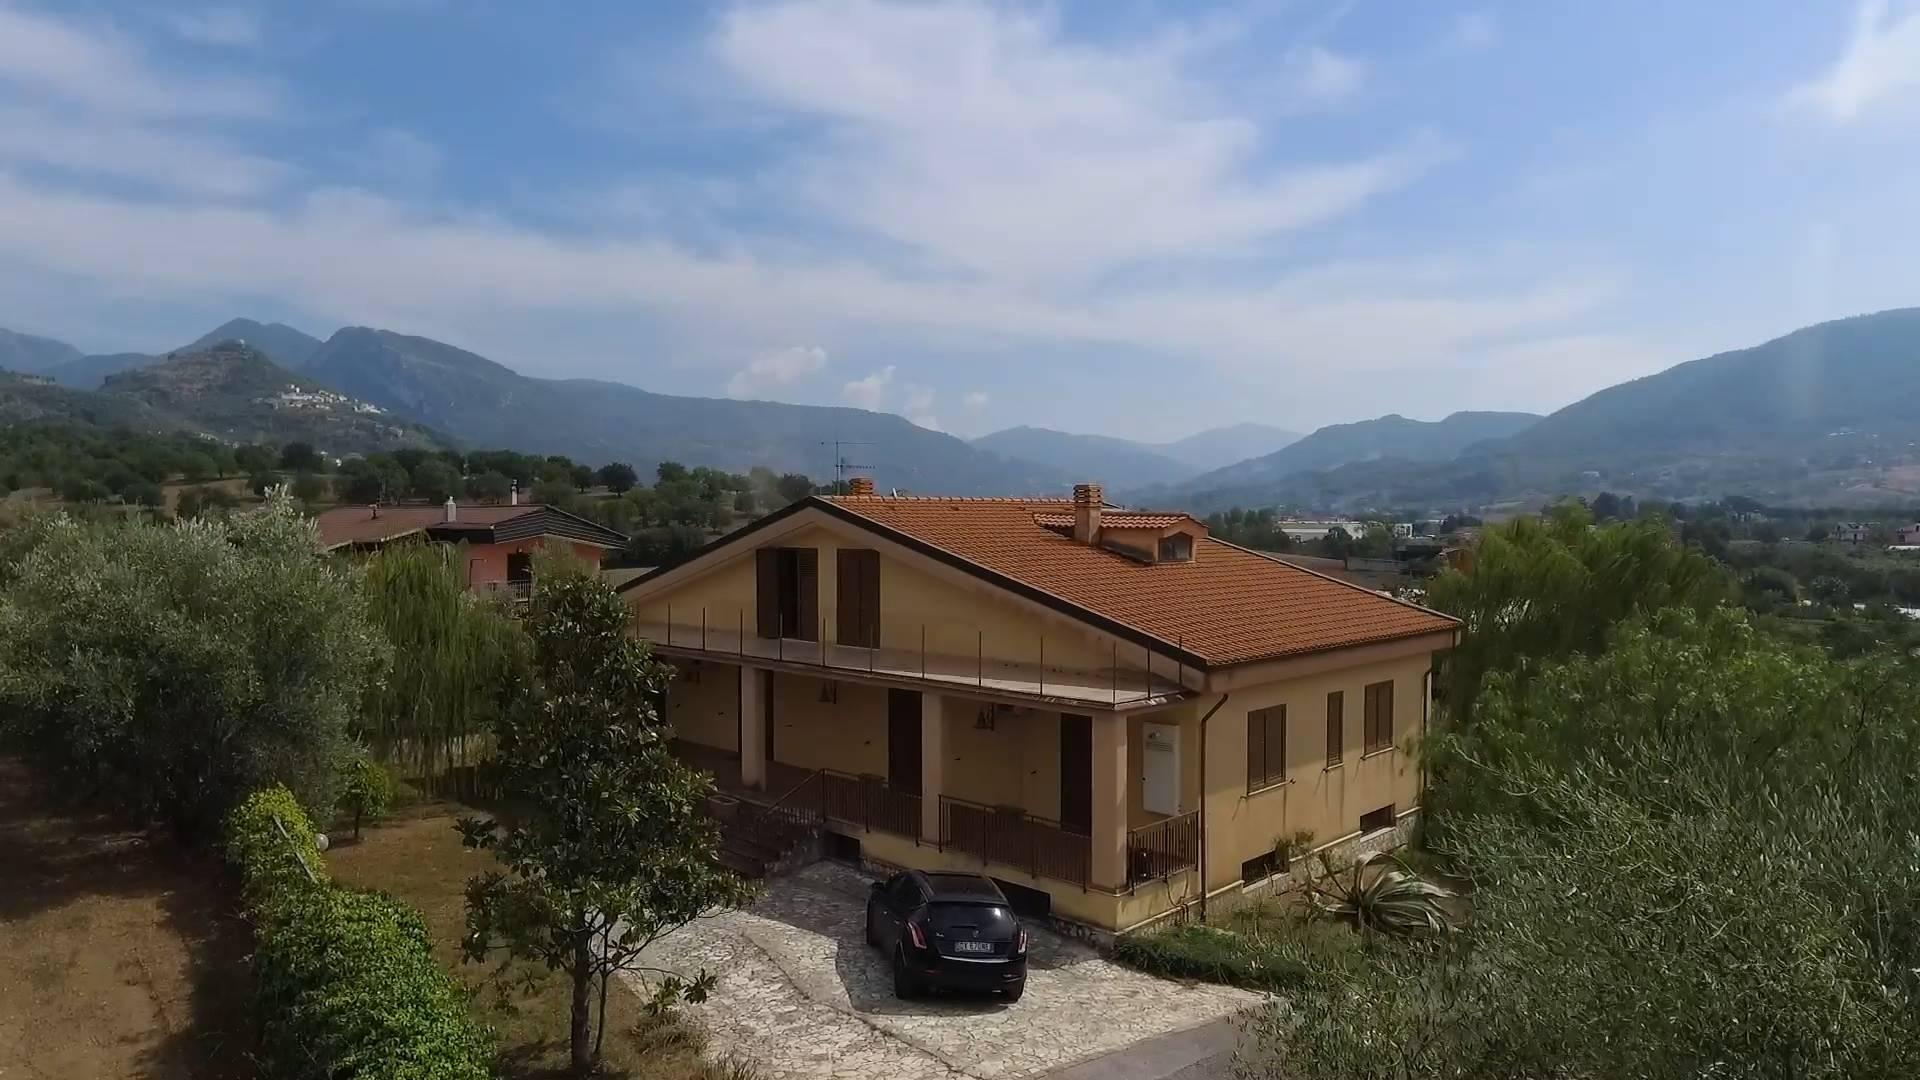 Appartamento in vendita a Giffoni Sei Casali, 6 locali, zona Località: CAPITIGNANO, prezzo € 310.000   PortaleAgenzieImmobiliari.it